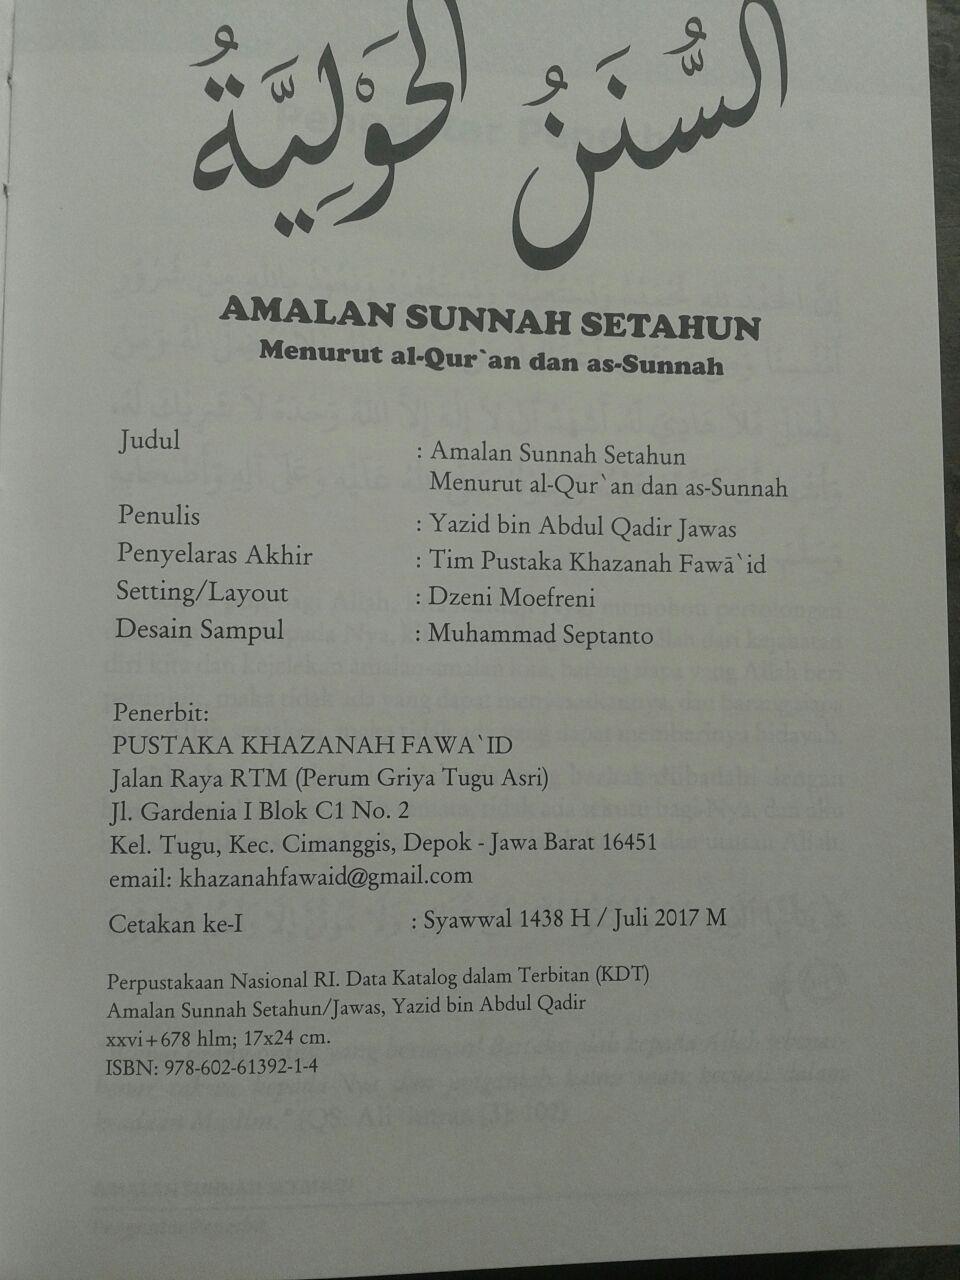 Buku Amalan Sunnah Setahun isi 2